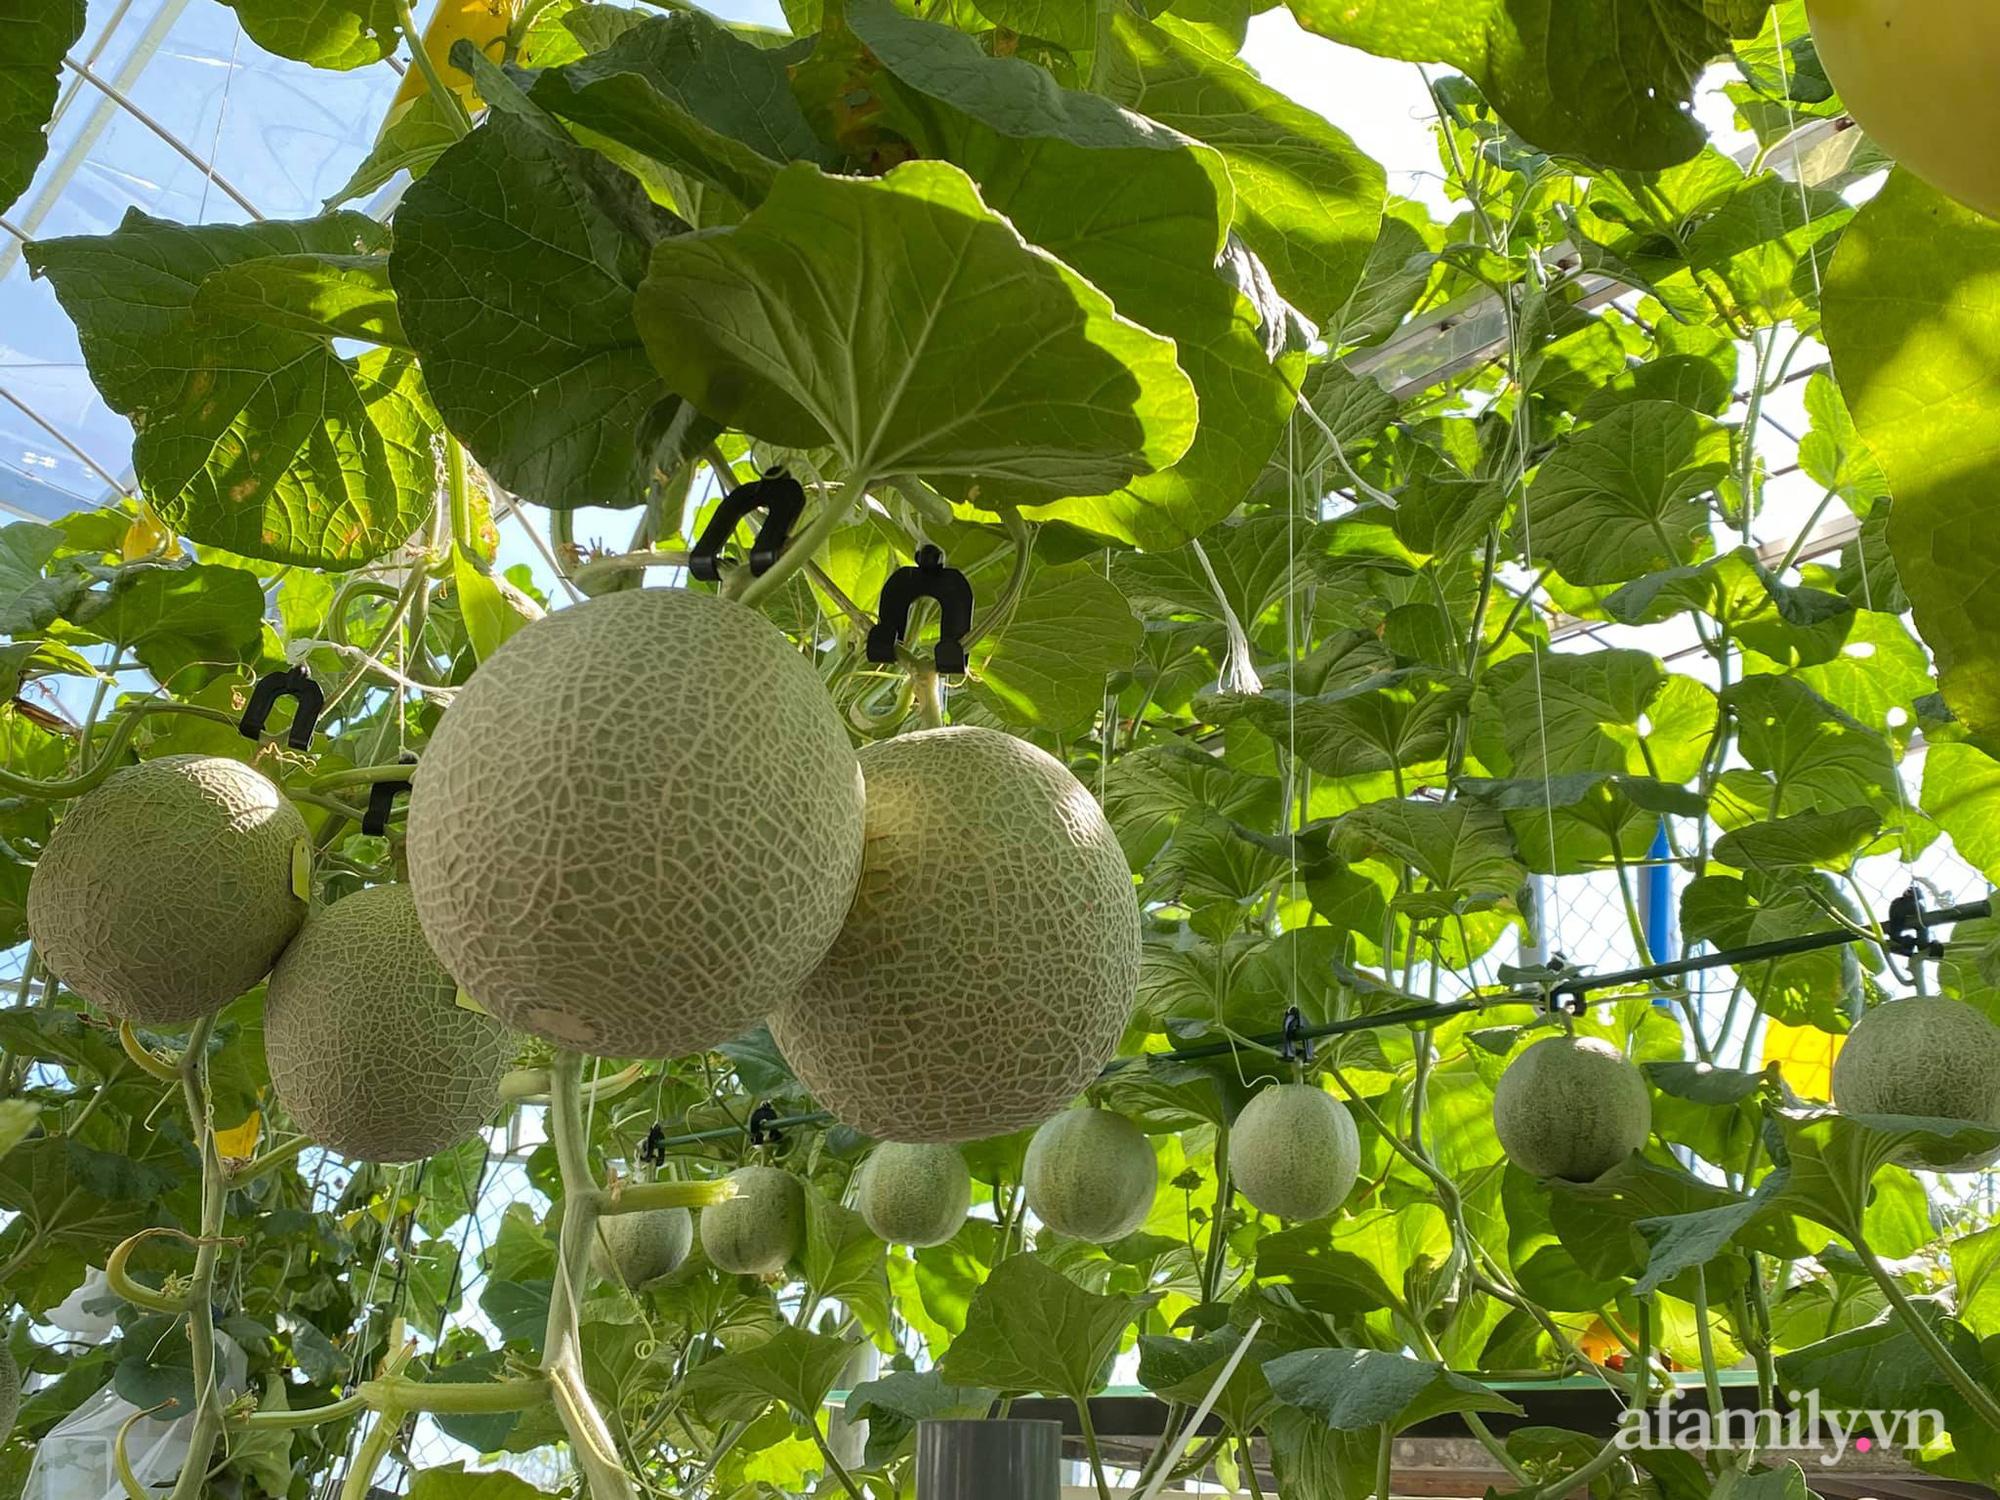 Giãn cách không ra khỏi nhà vẫn đủ rau quả thưởng thức nhờ vườn cây xanh um trên sân thượng ở Đà Nẵng - Ảnh 10.